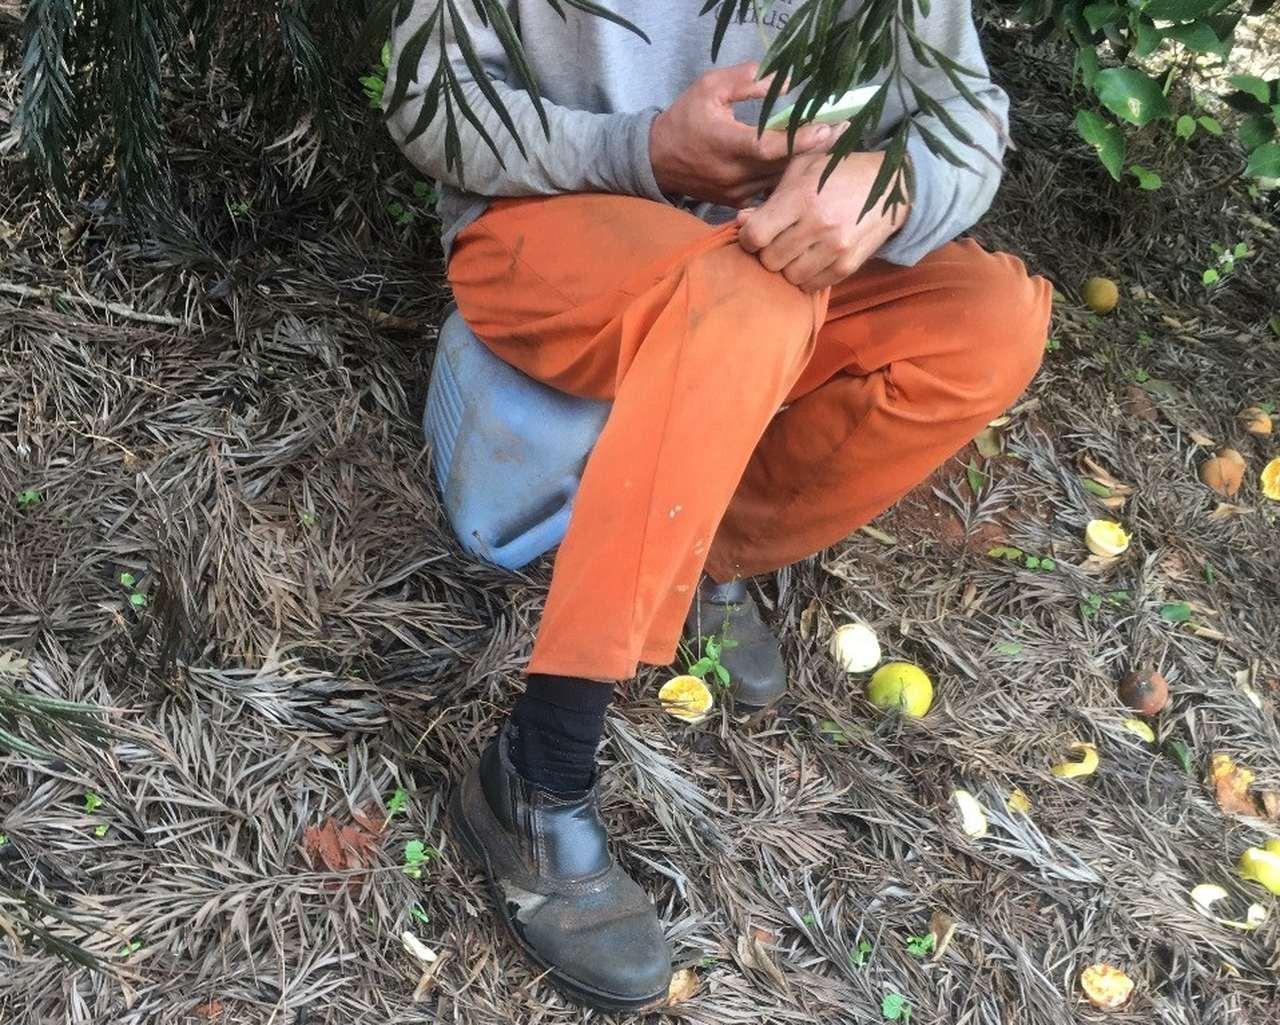 Fazenda autuada vende laranjas para a Citrosuco, gigante do setor que já integrou a 'lista suja' do trabalho escravo